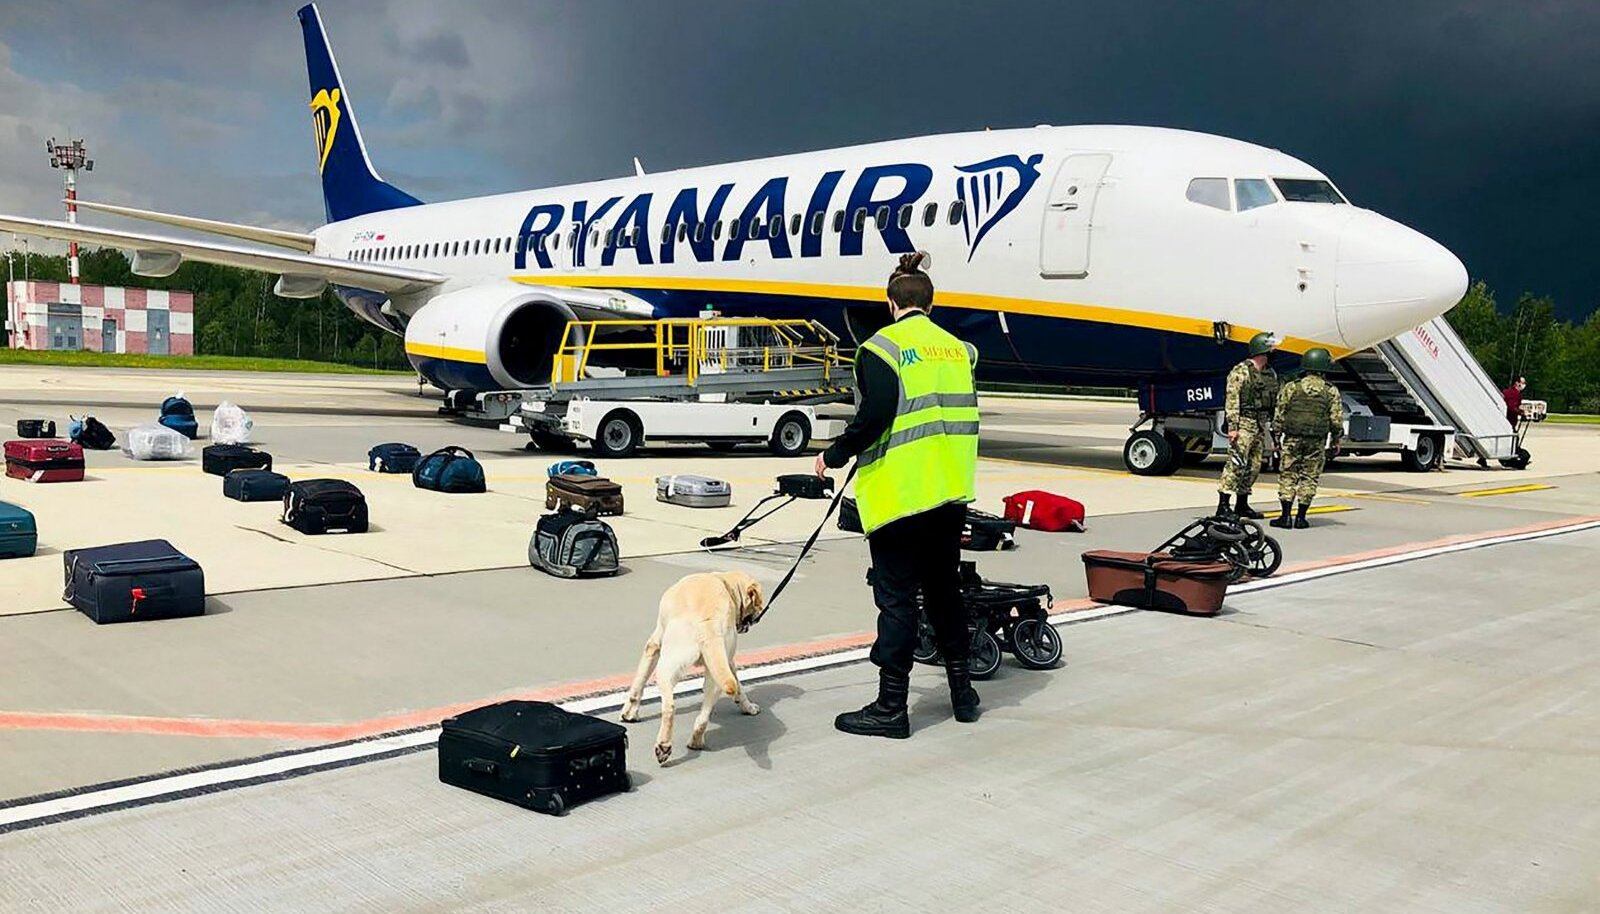 Valgevene võimud sundisid Ateenast Vilniusse teel olnud Ryanairi lennuki Minskis maanduma, et pidada kinni opositsionäär, ajakirjanik Raman Pratasevitš ja tema kaaslanna, Venemaa kodanik Sofia Sapega.